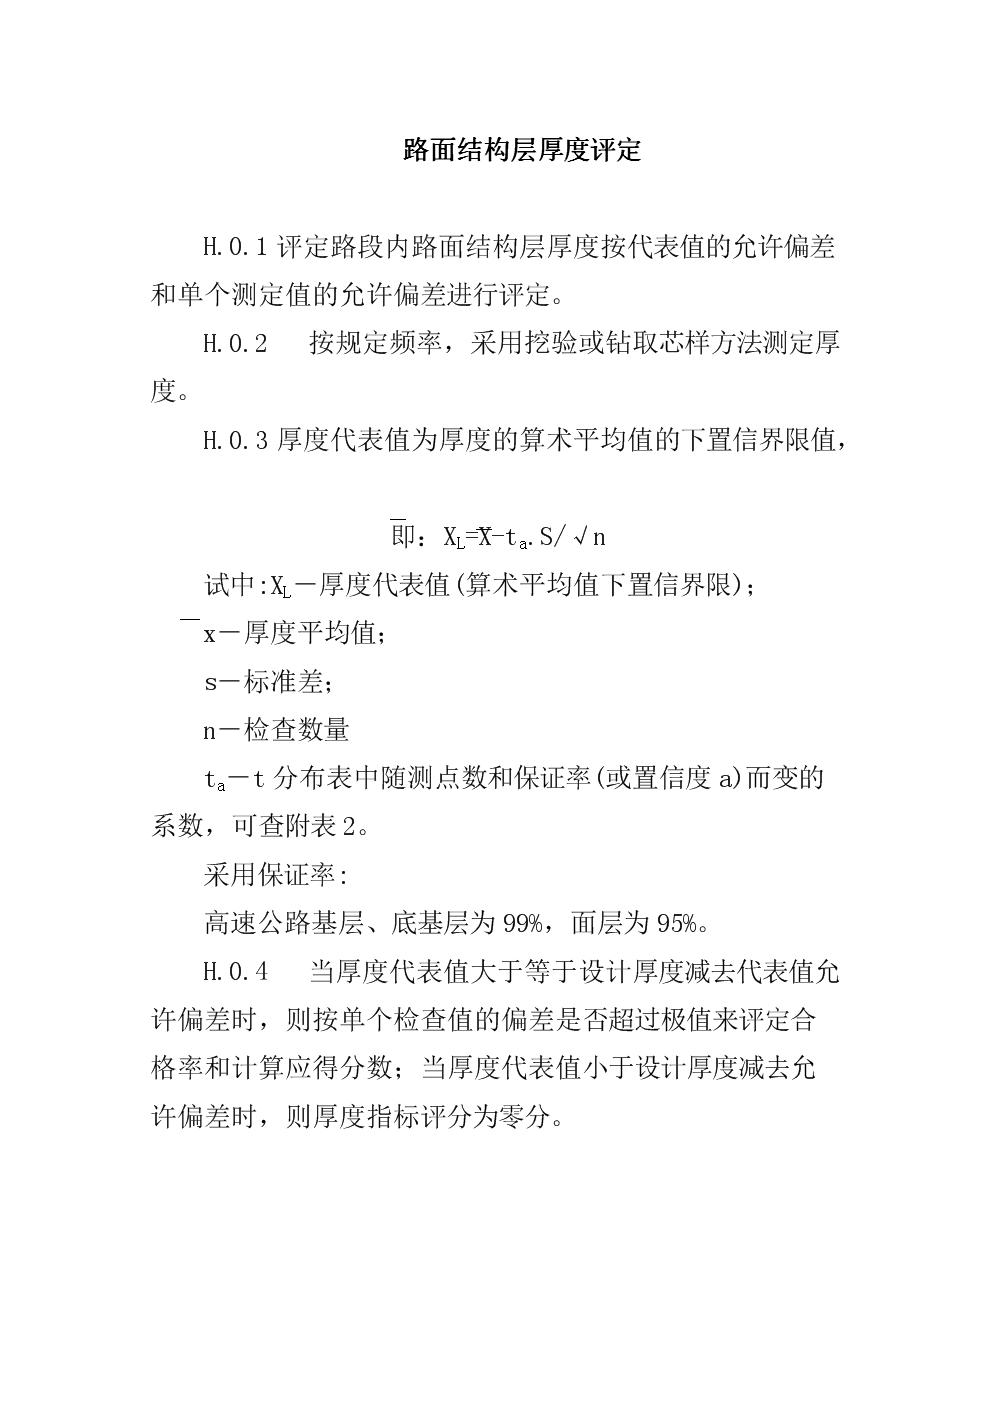 路面结构层厚度评定资料.doc